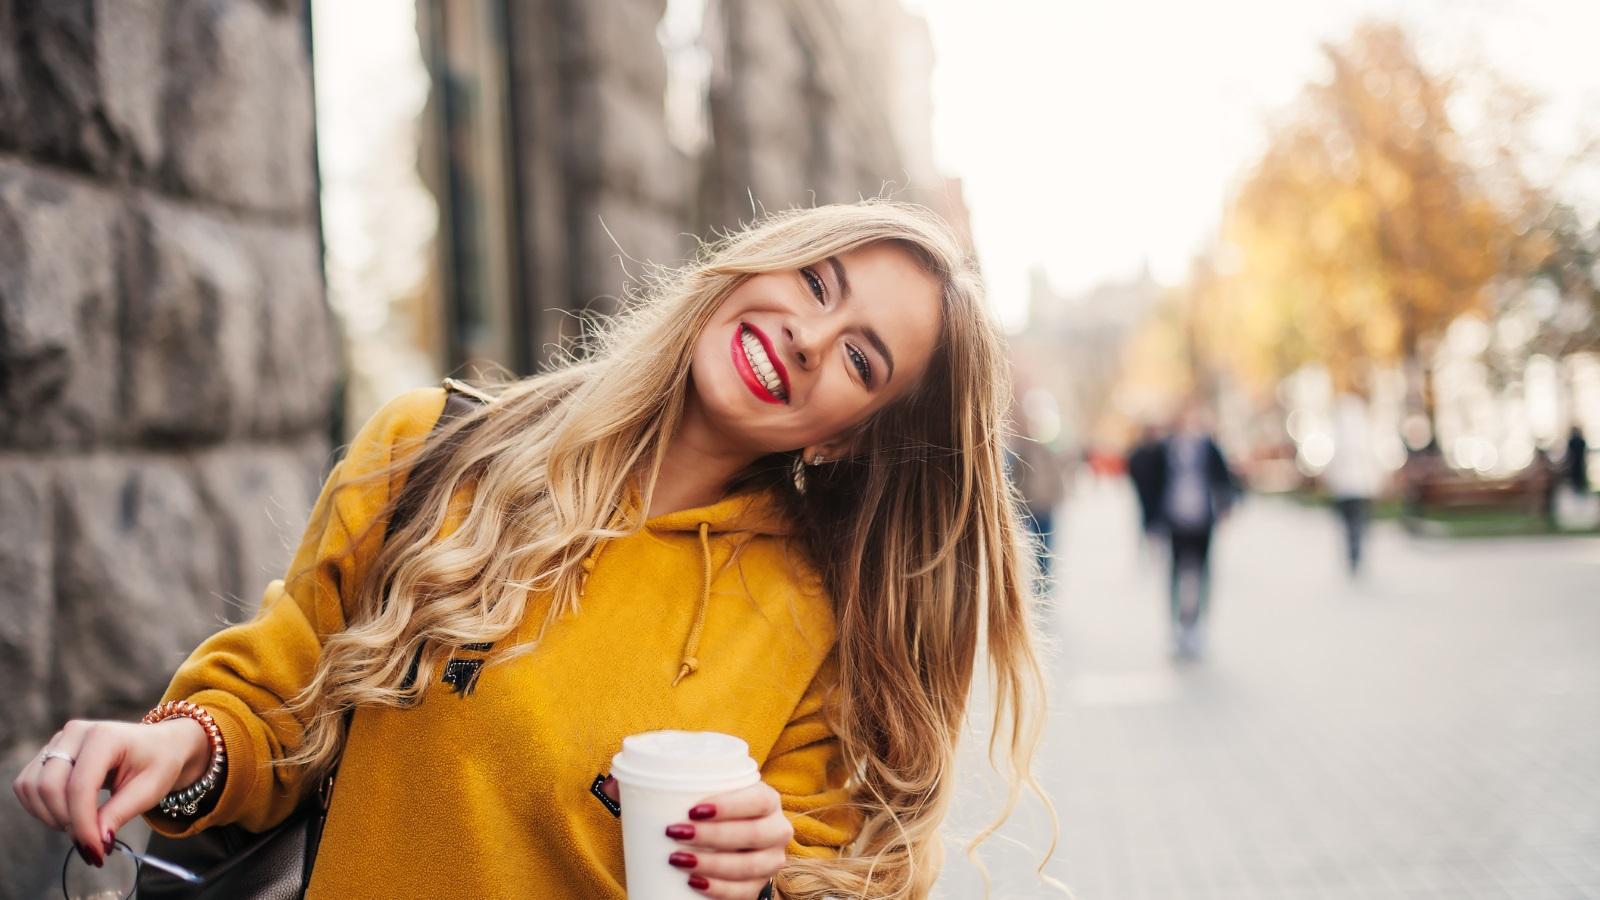 Красива усмивка.<br /> Много жени се притесняват да се усмихнат широко и да се смеят от сърце. Съветът ни е да не се страхувате да бъдете естествени и импулсивни, защото няма нищо по-секси от искрената усмивка и чувството за хумор.